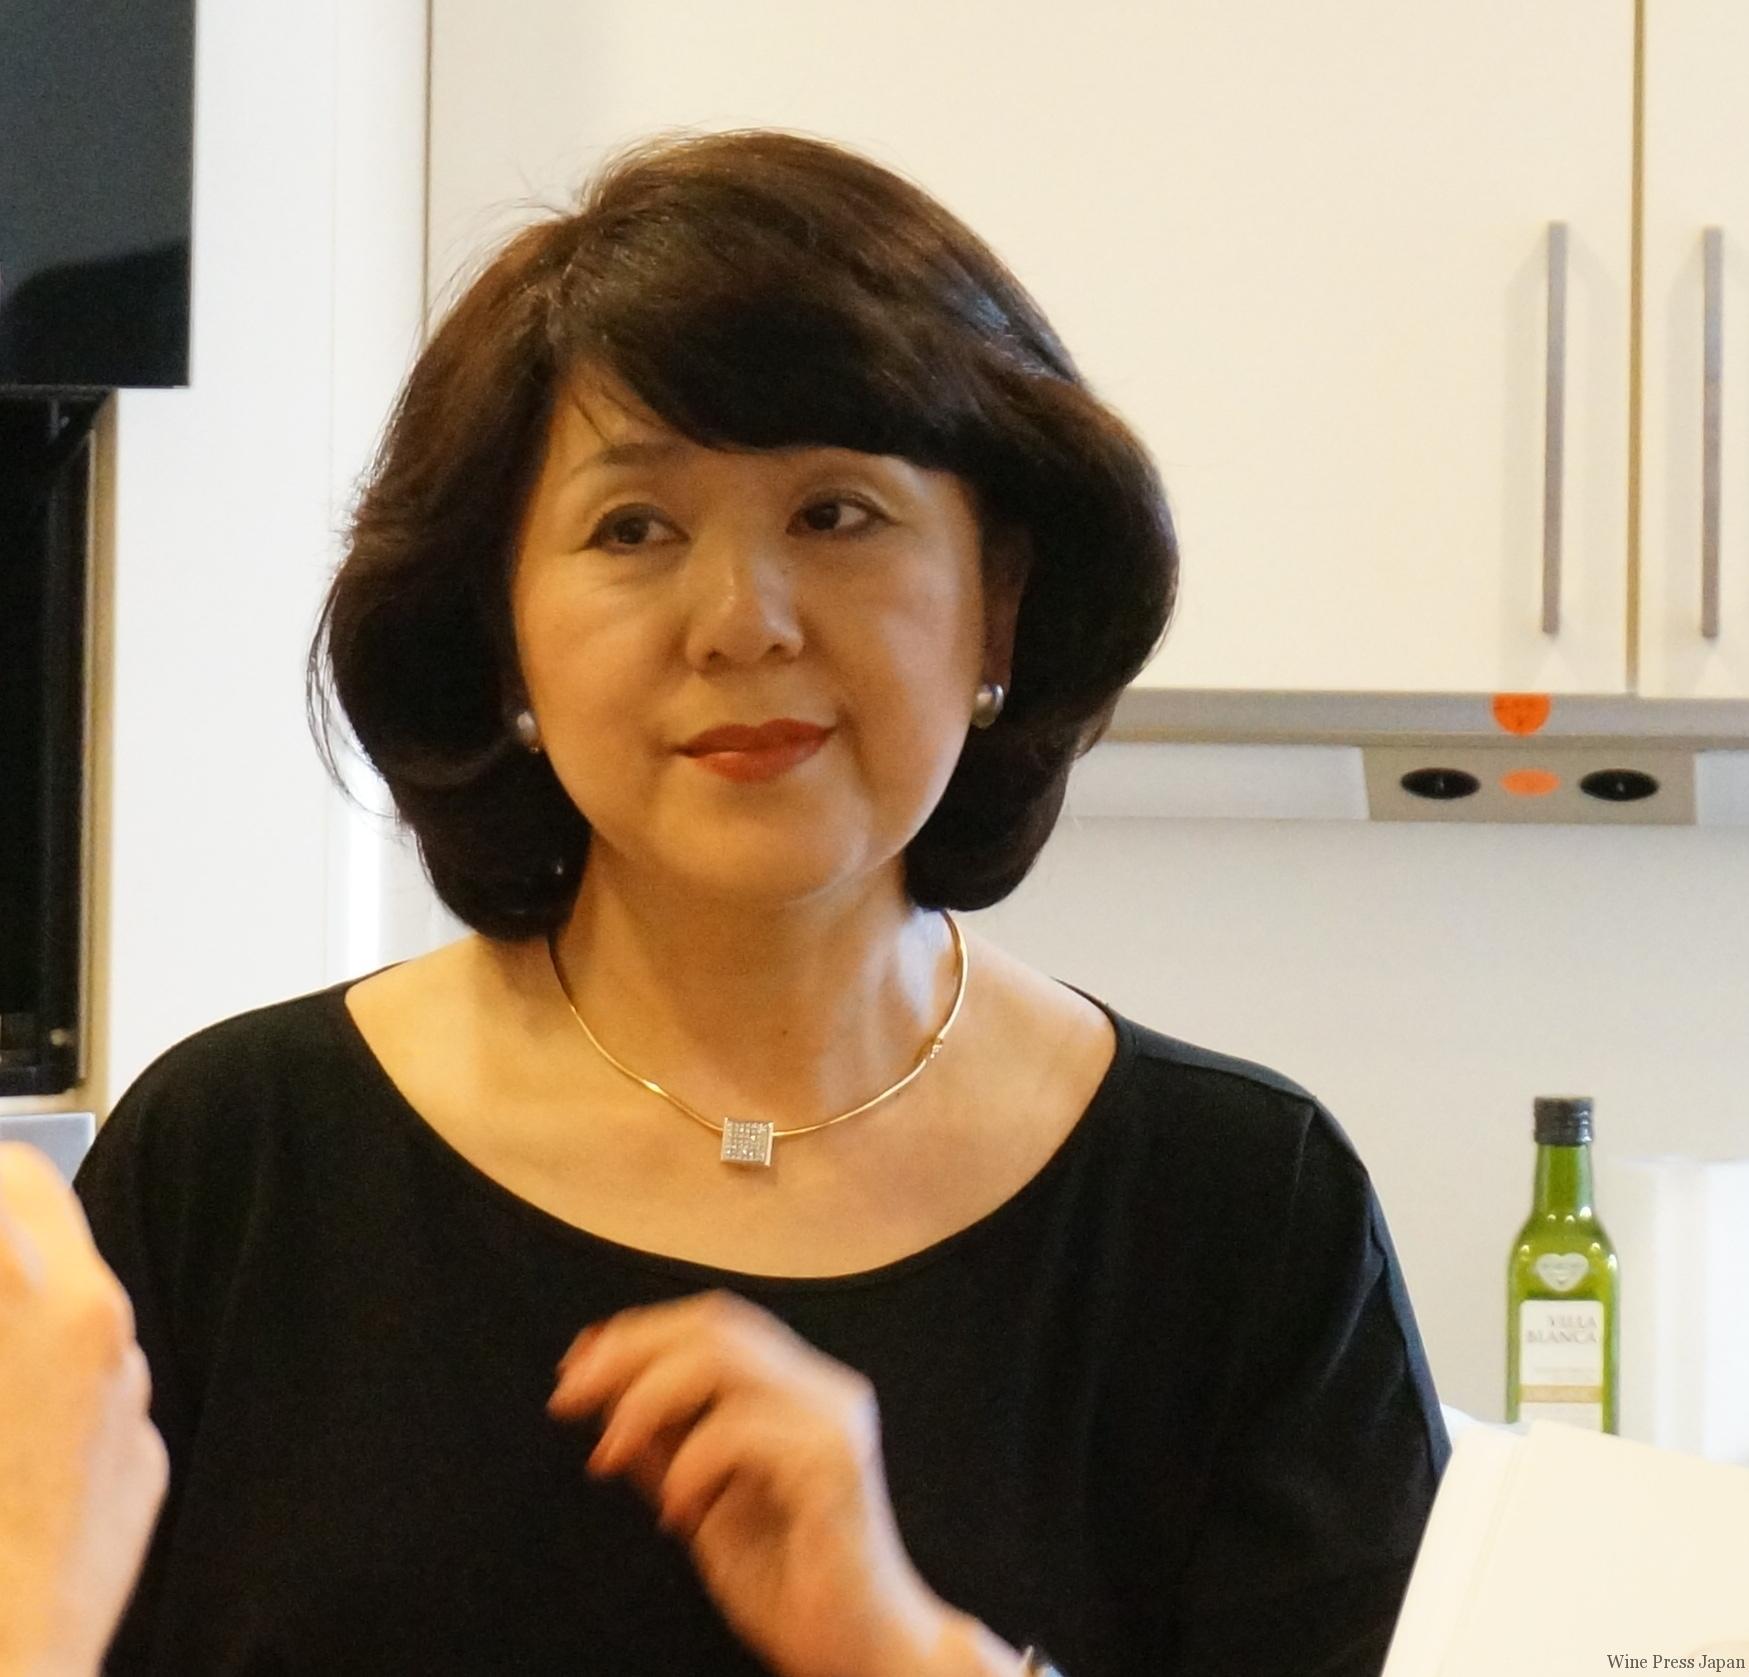 和食の料理本(英語訳)も出版された料理研究家の千... tweet Wine Press Jap